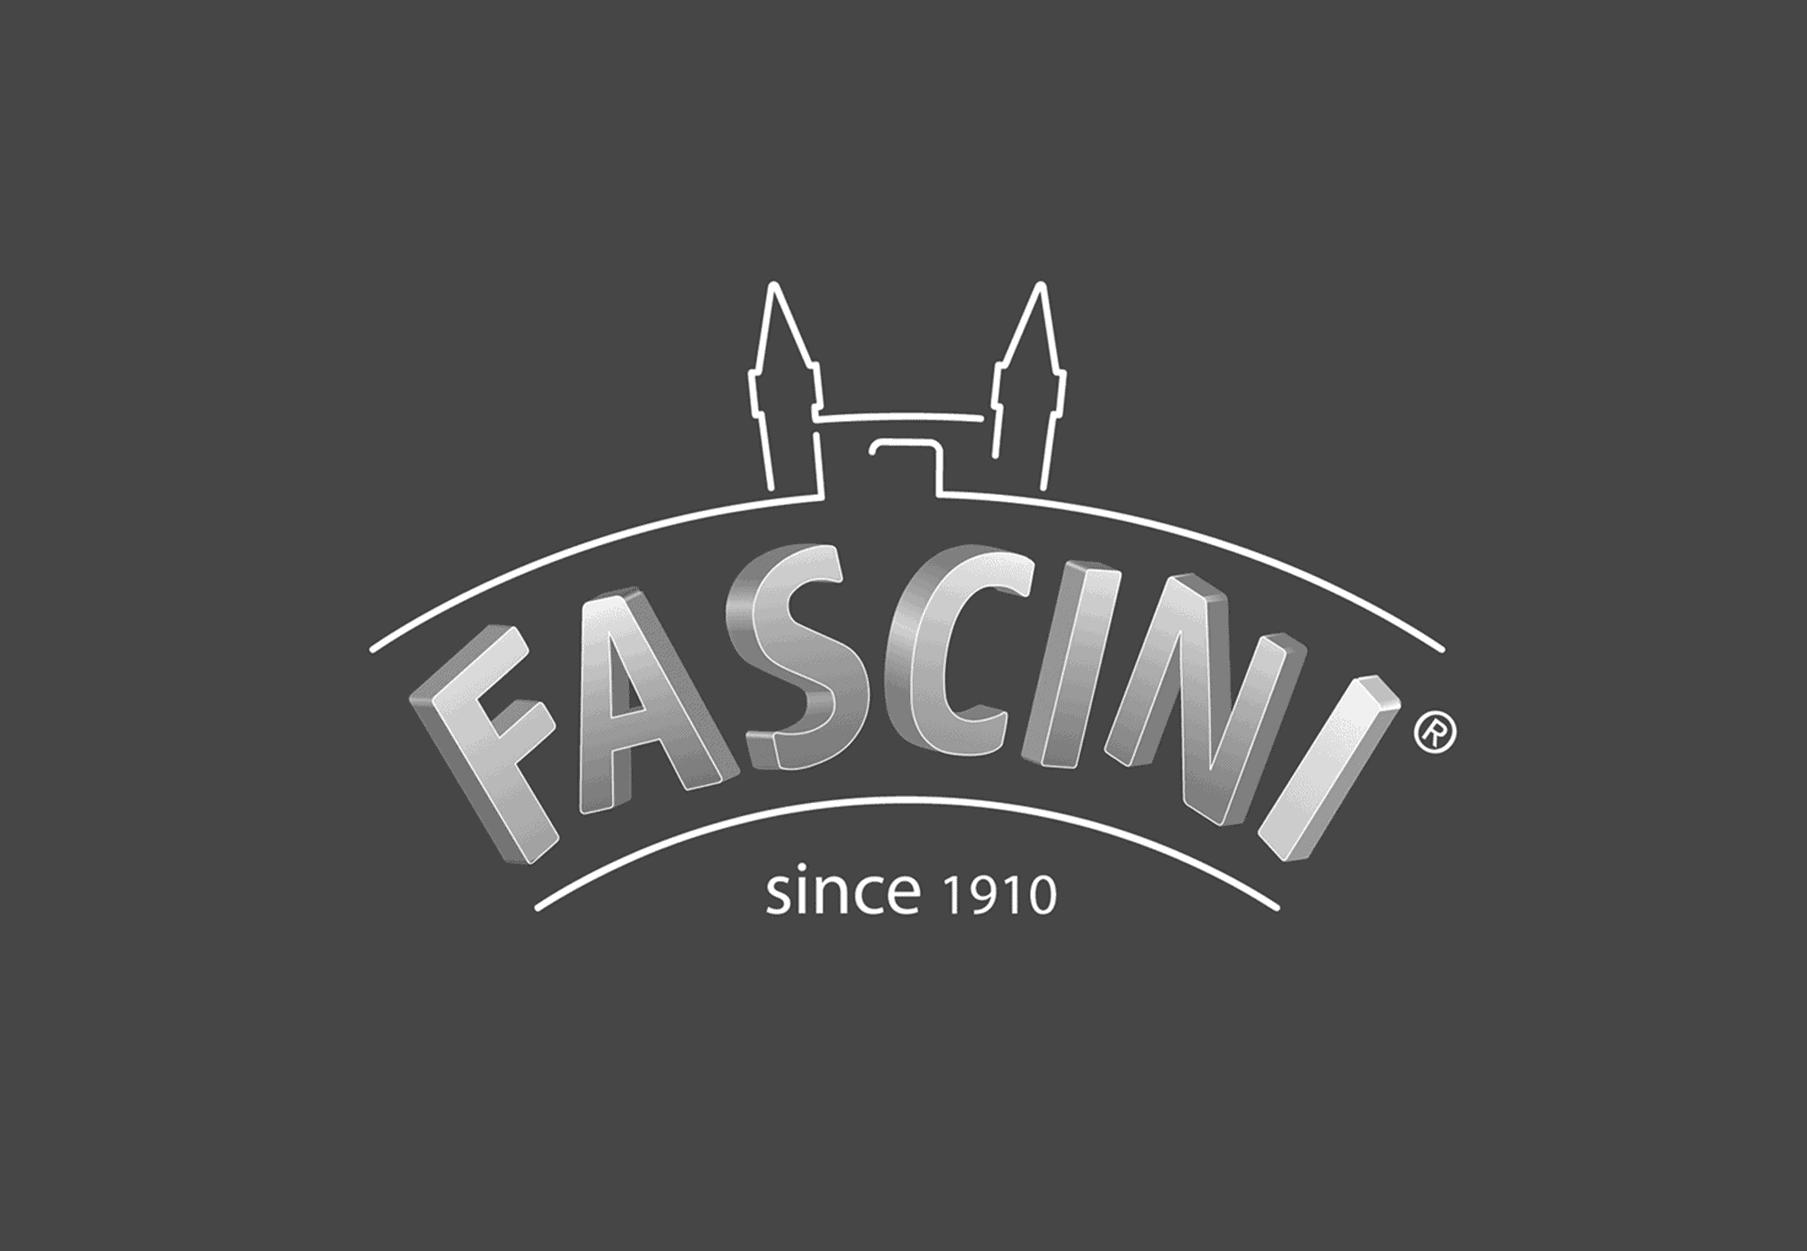 FASCINI-logobw-ylf